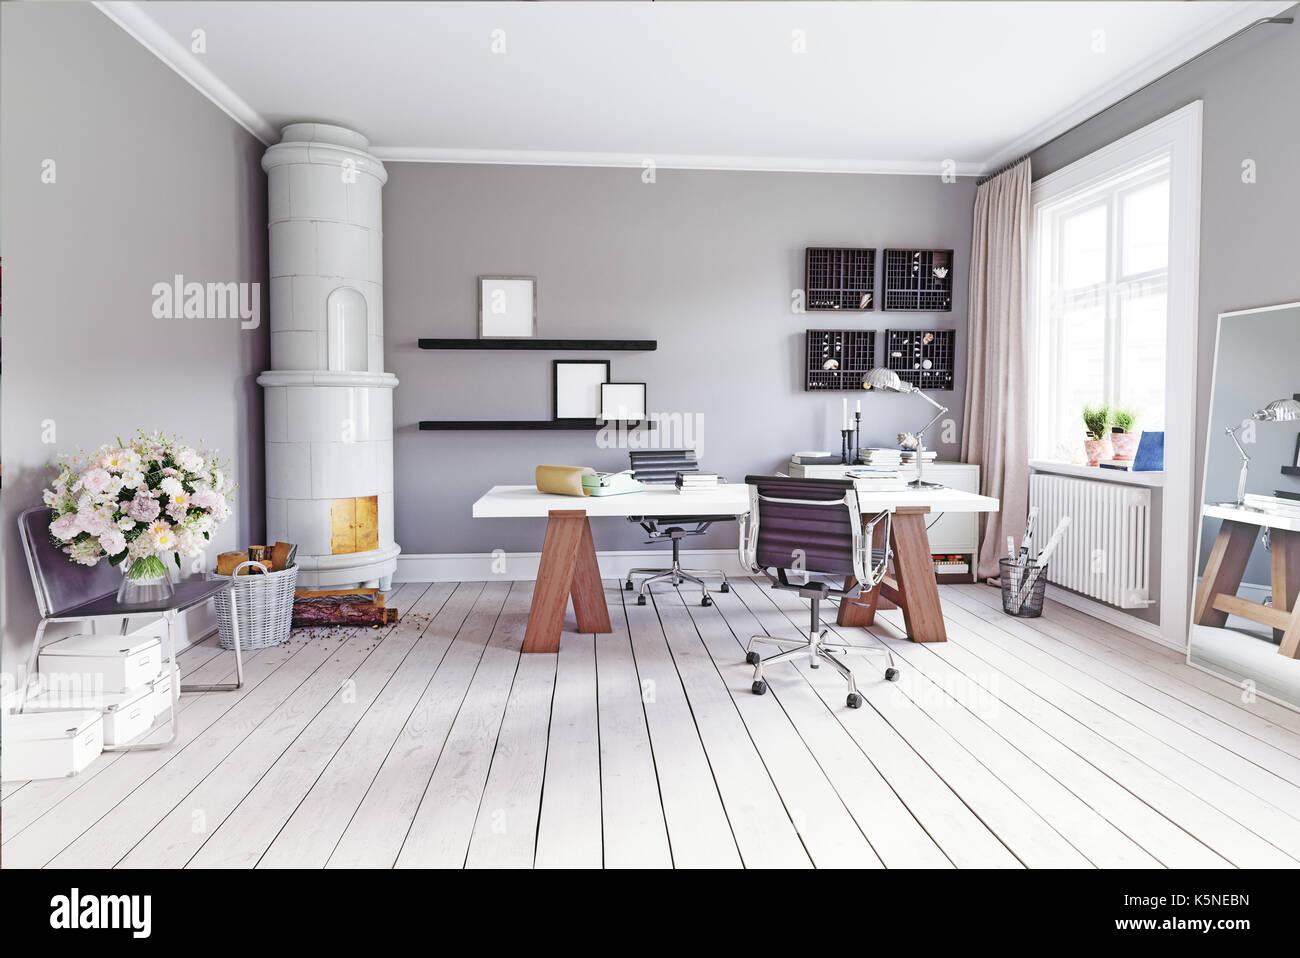 La moderna sala de estudio con cocina clásica sueca, mesa y sillones. Concepto 3D rendering Imagen De Stock